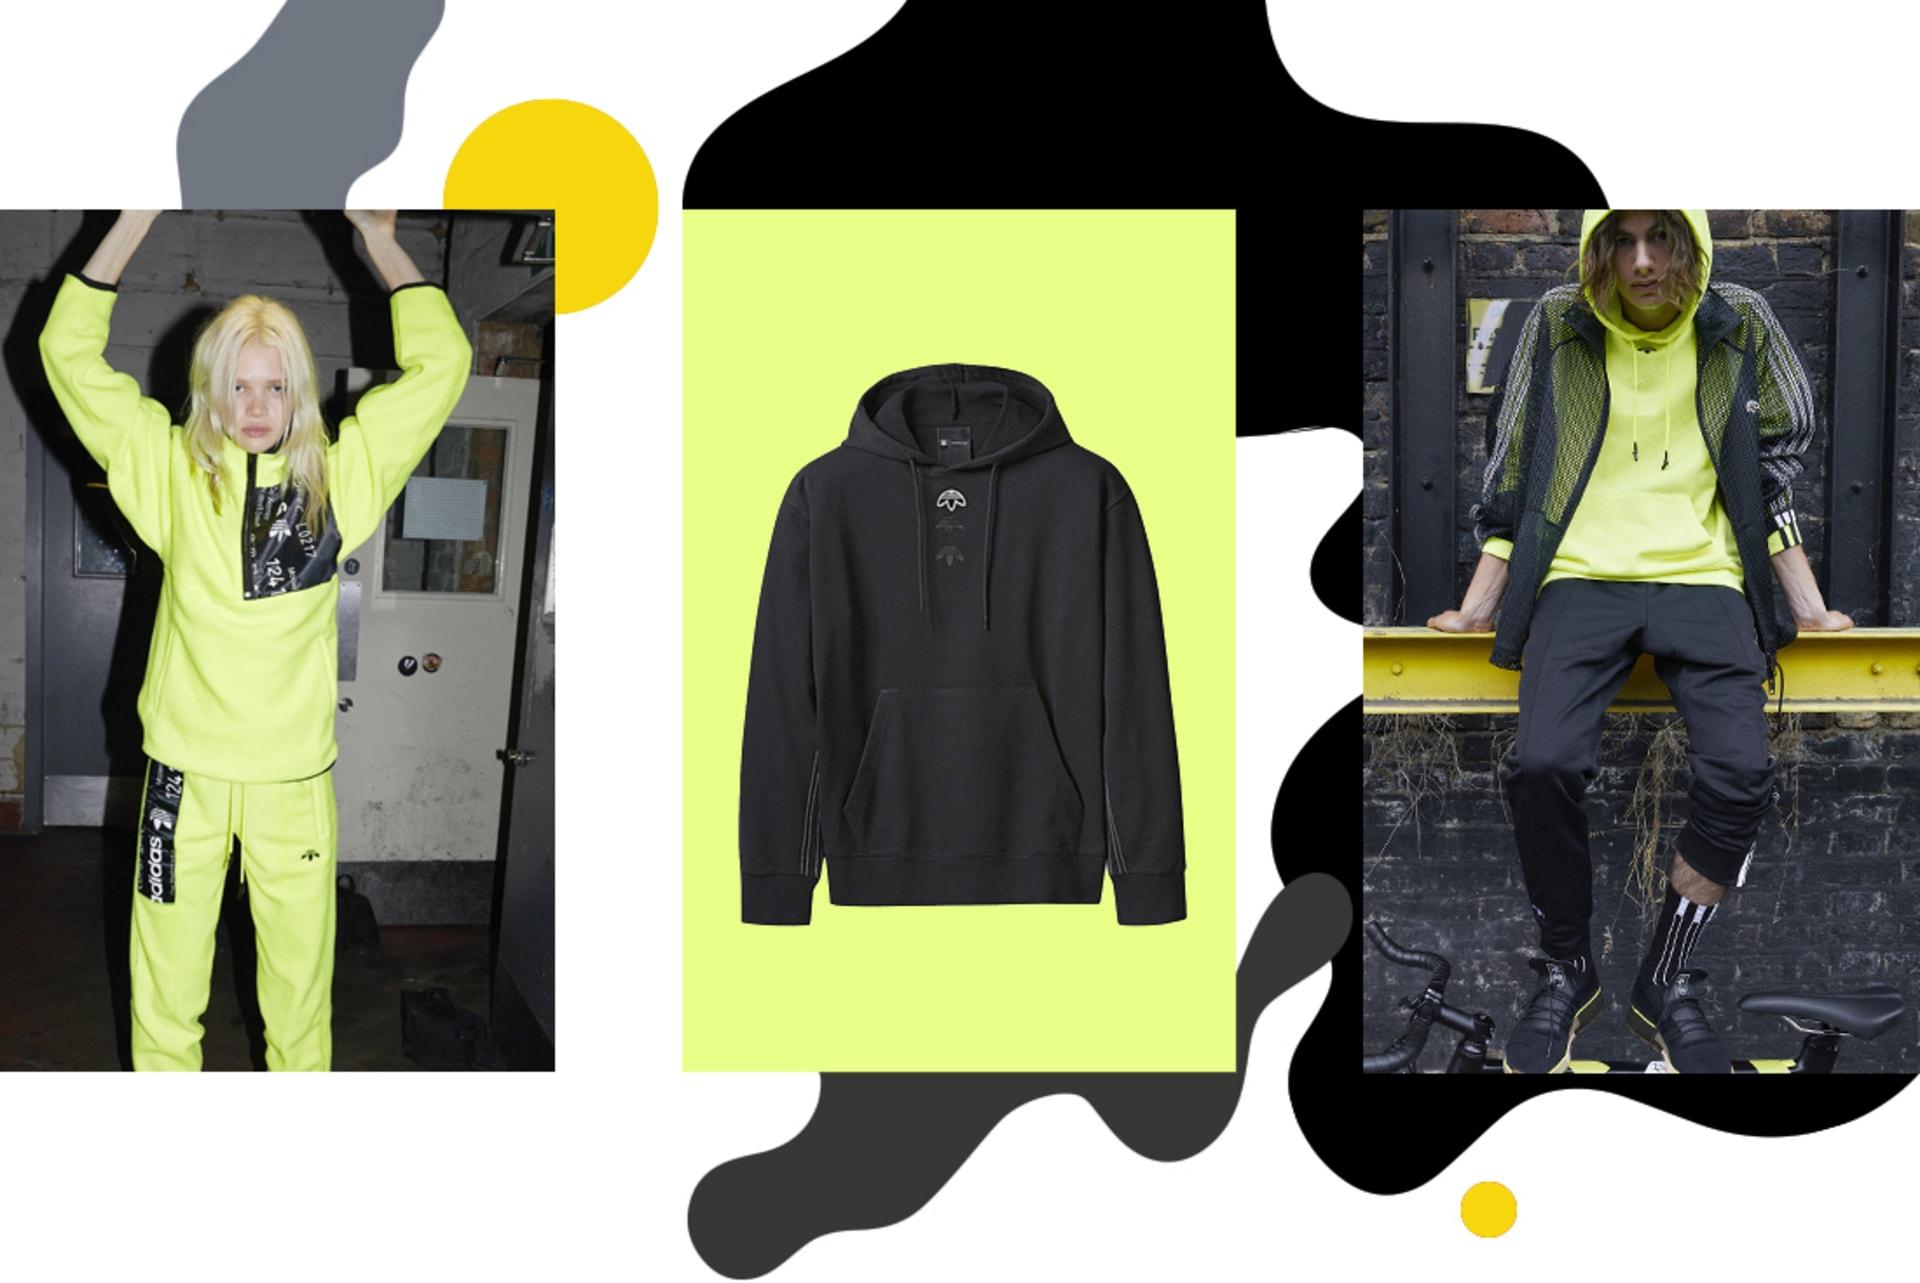 Alexander Wang x Adidas Best Collabs 2017